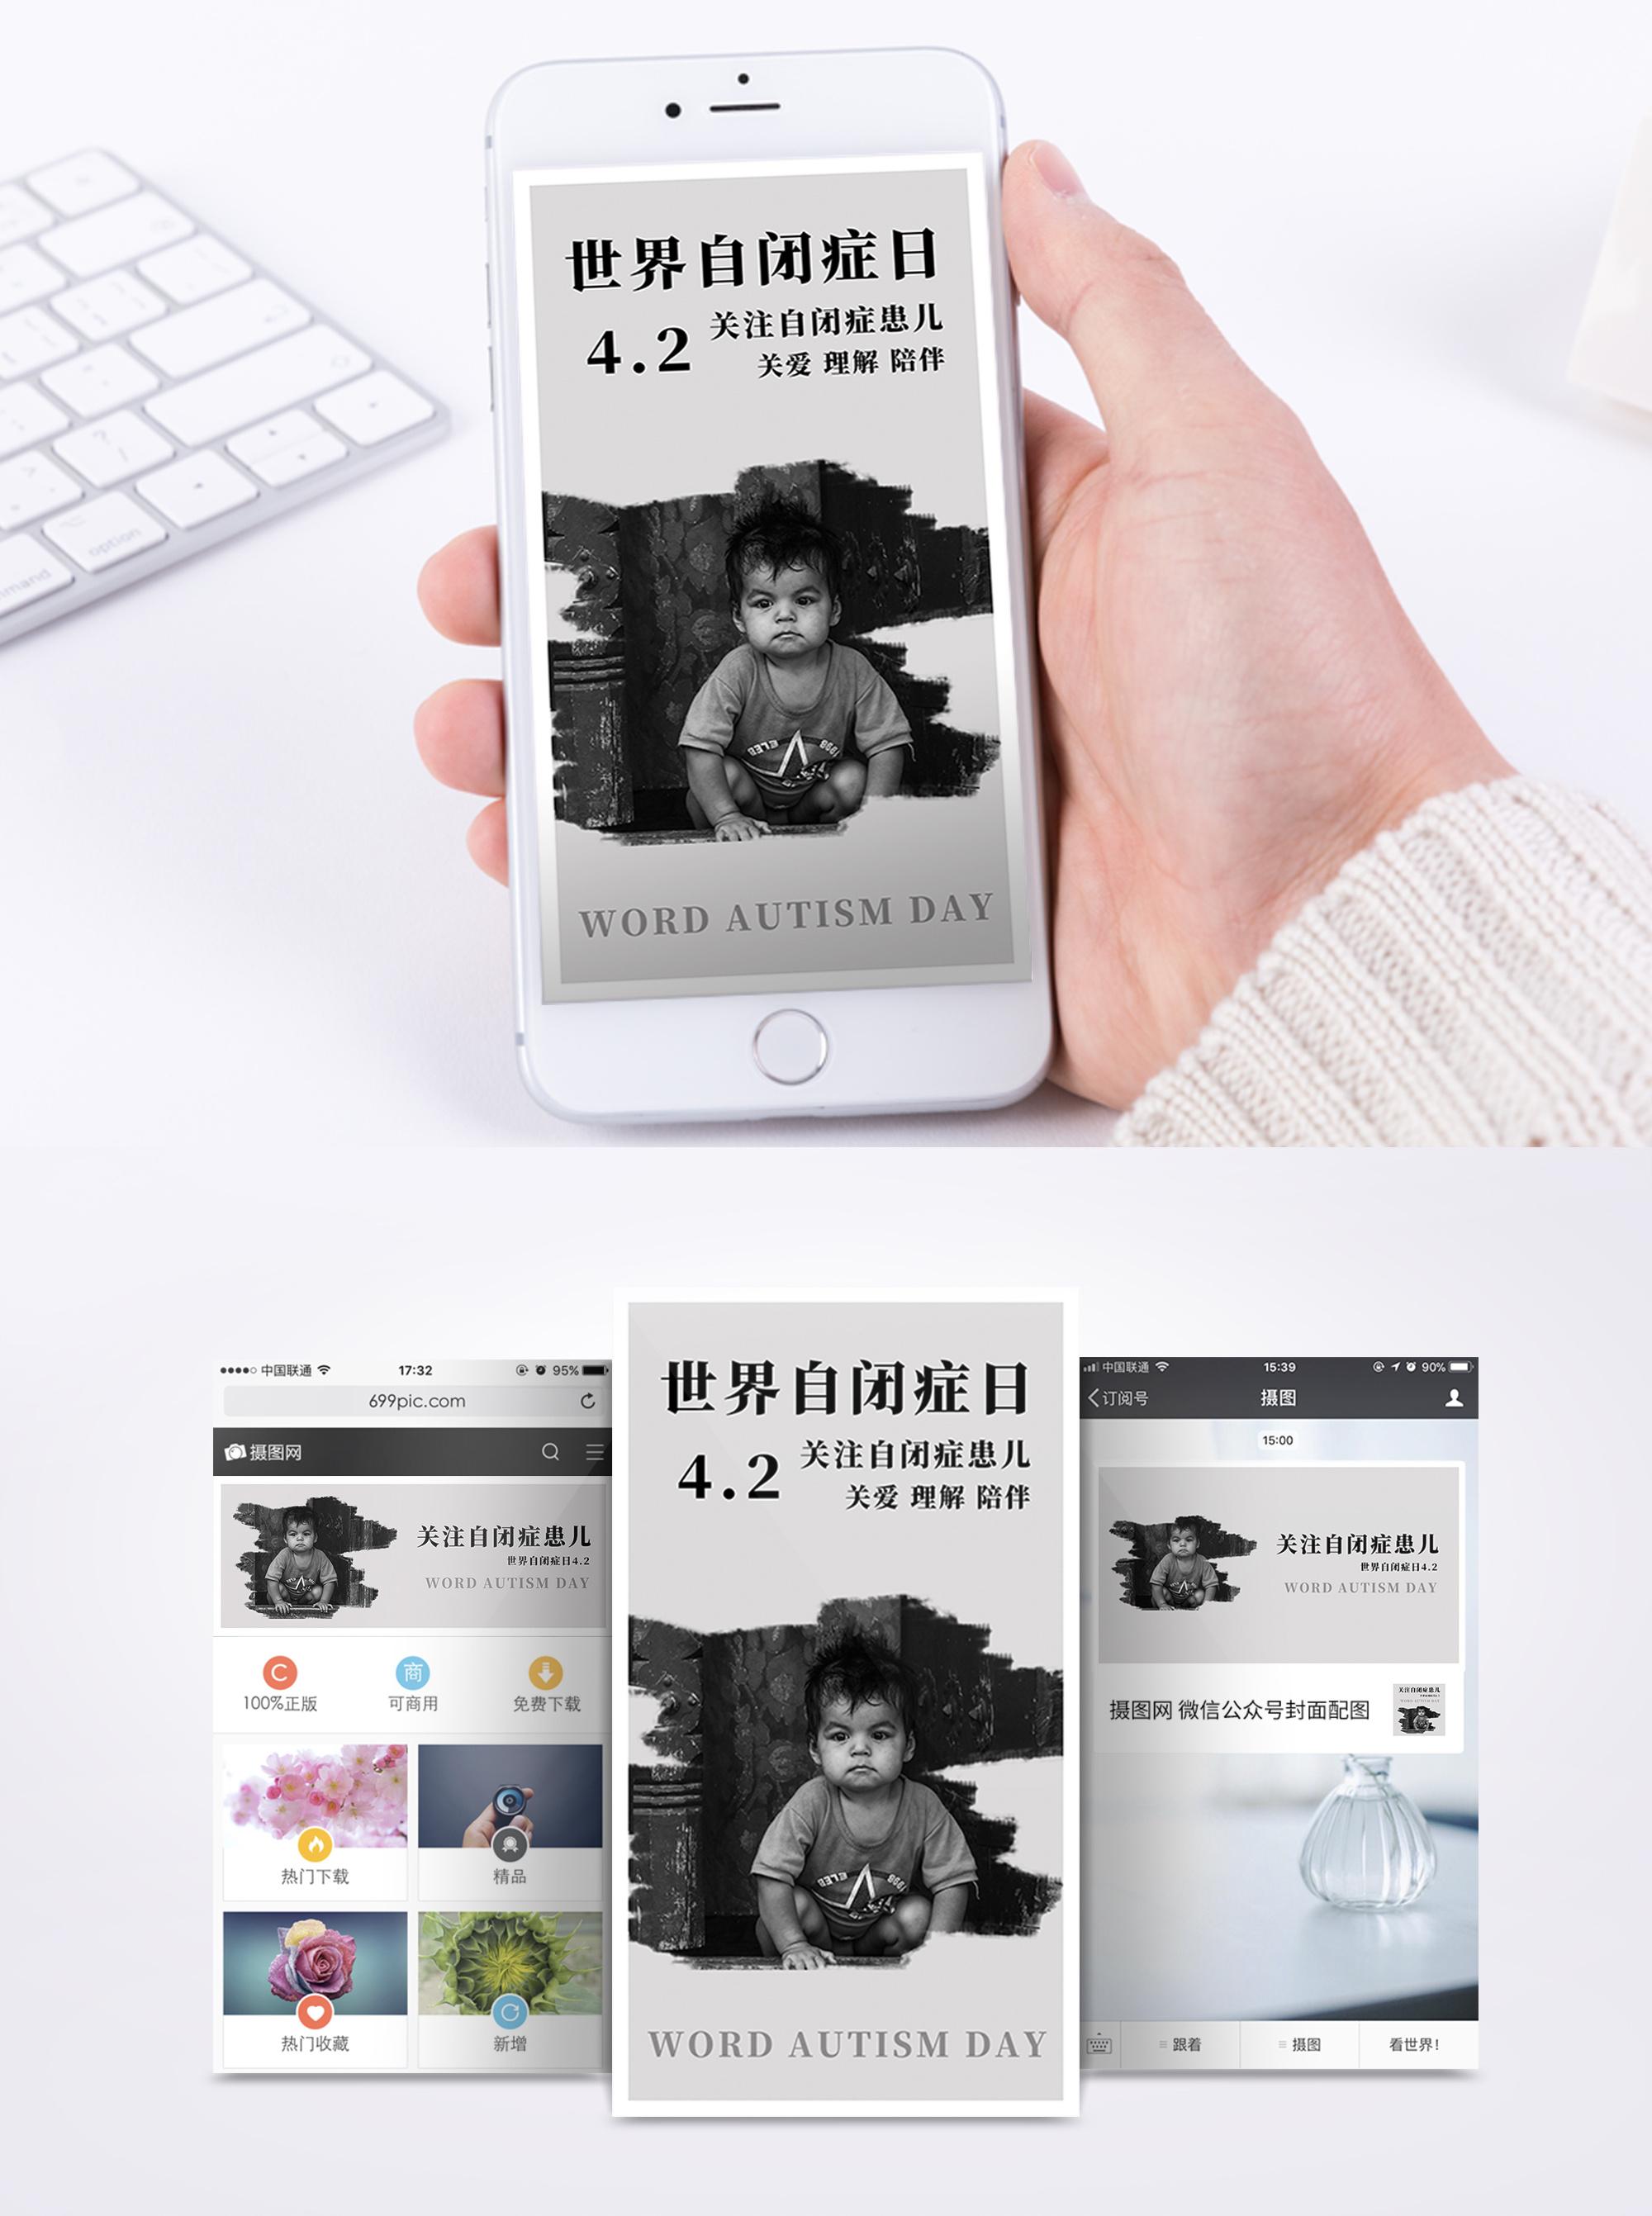 世界自闭症日手机海报配图高清图片